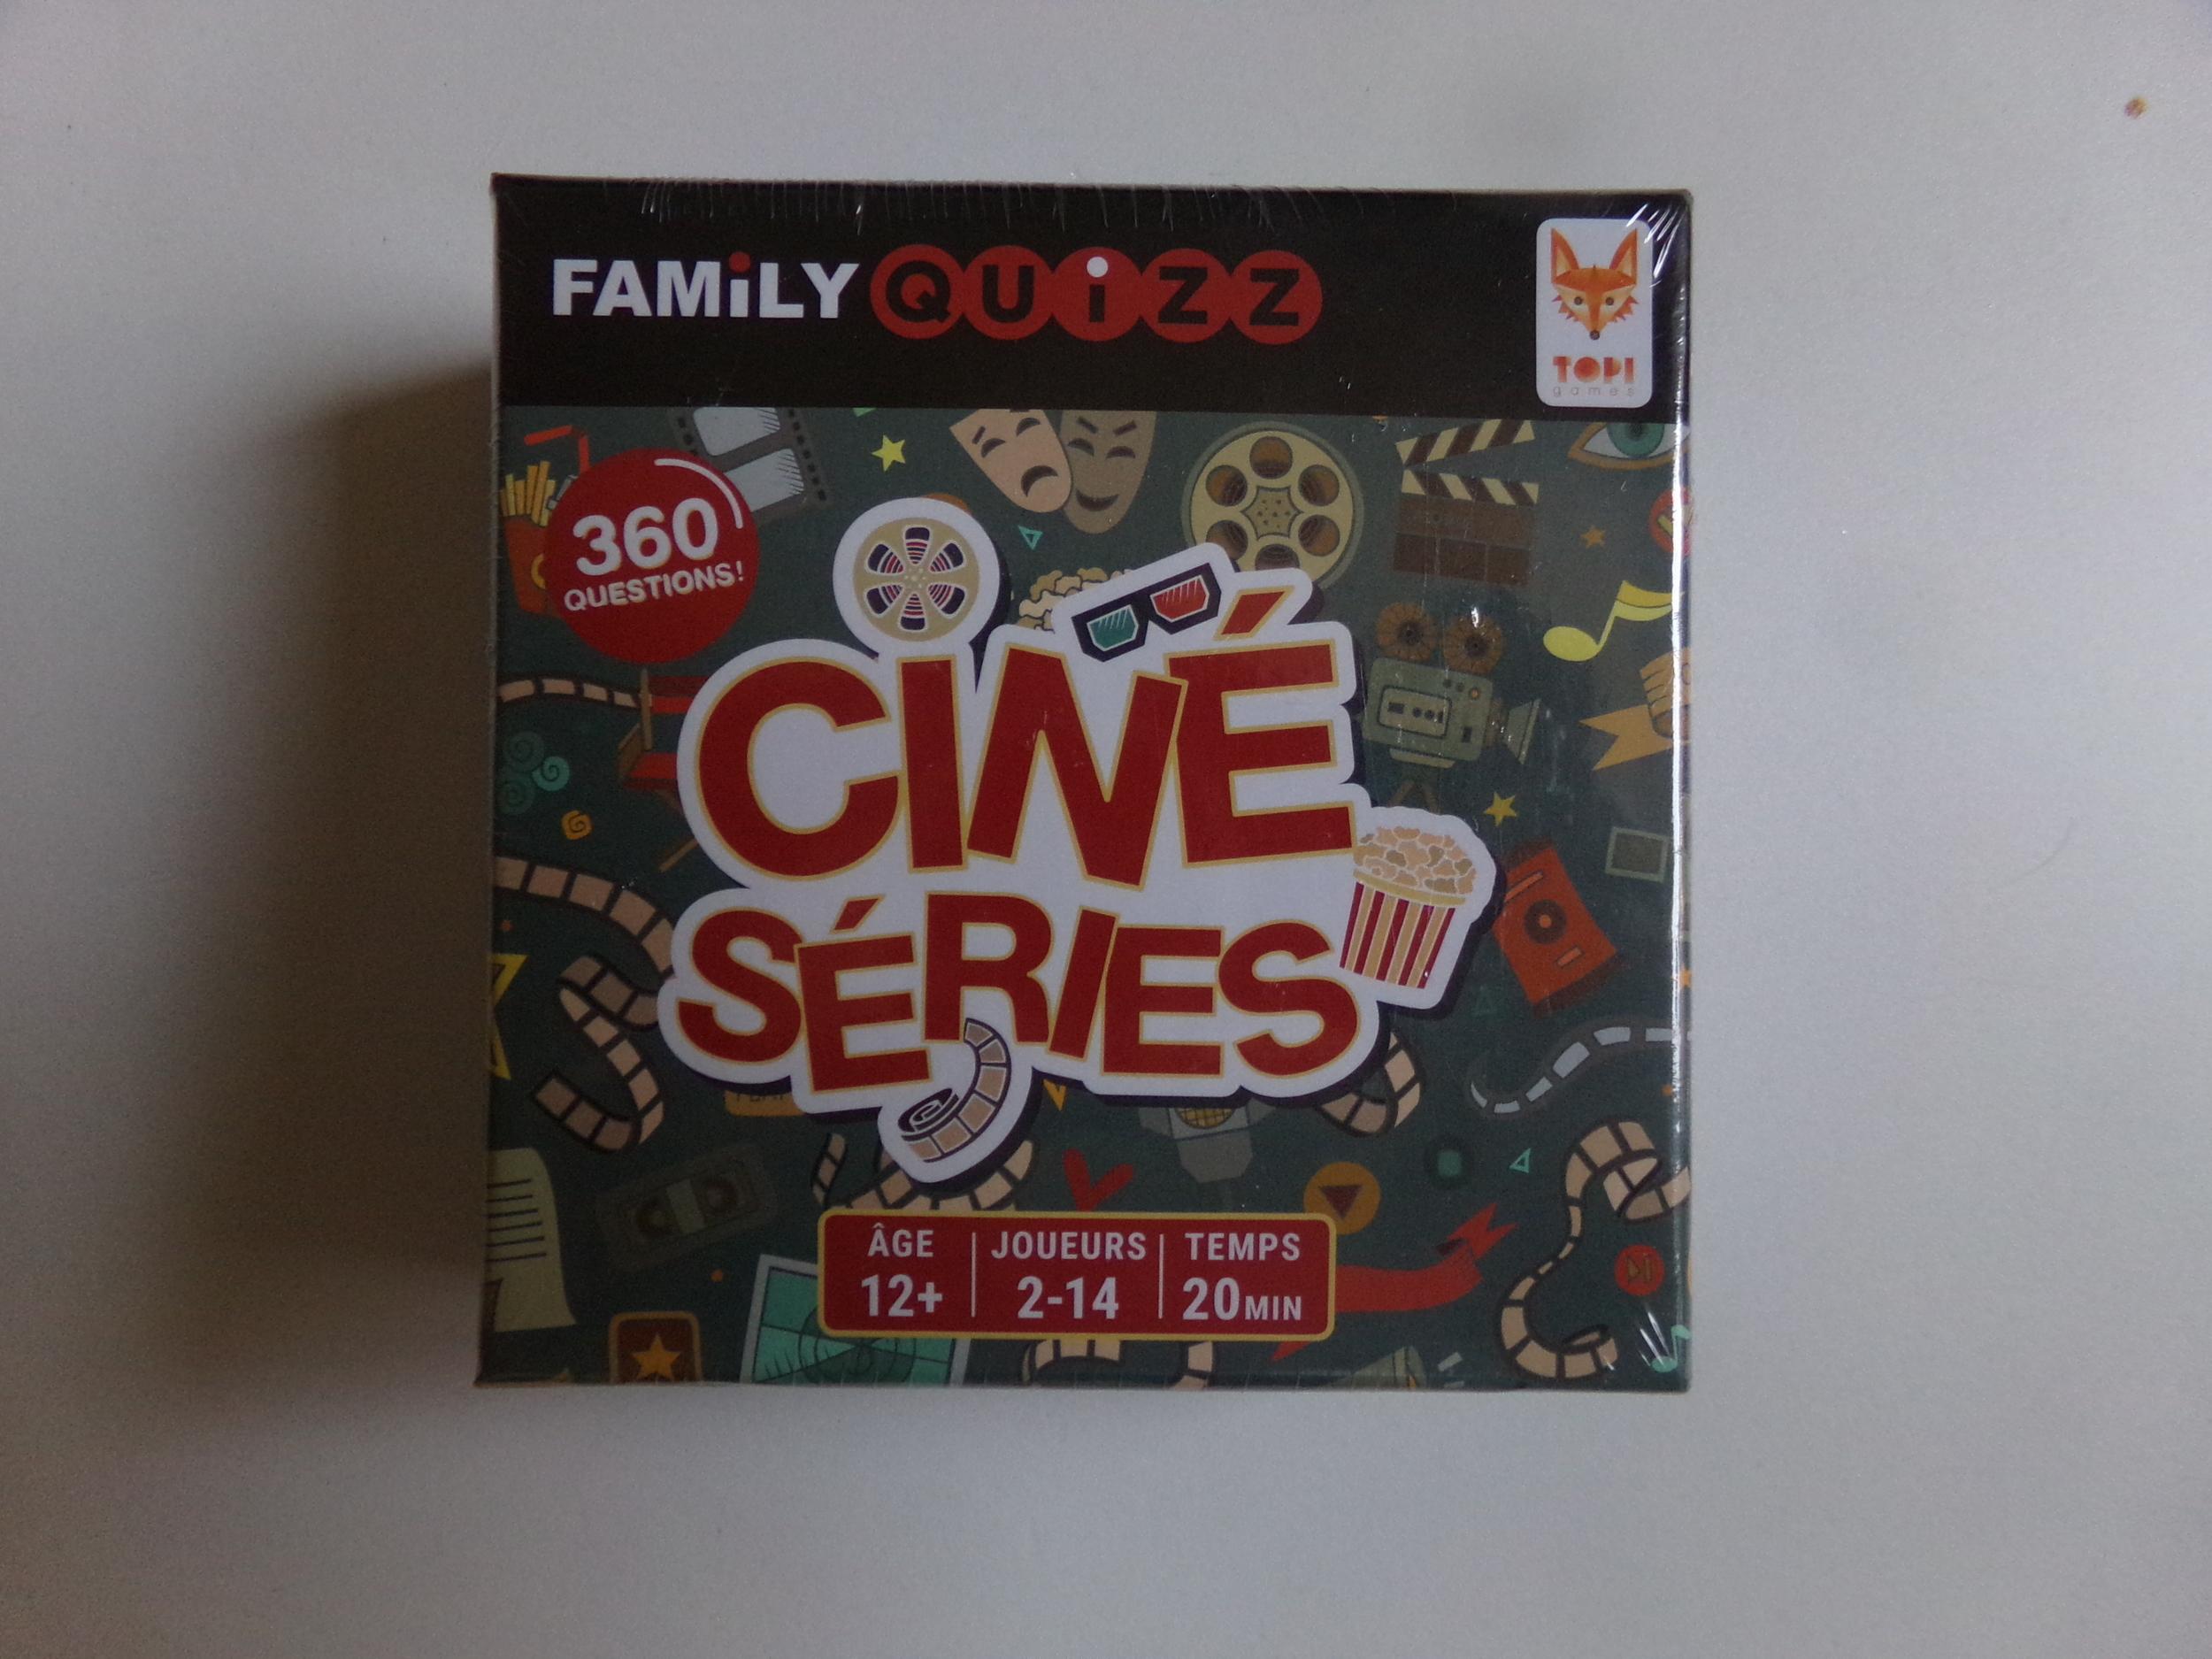 Family quizz ciné séries